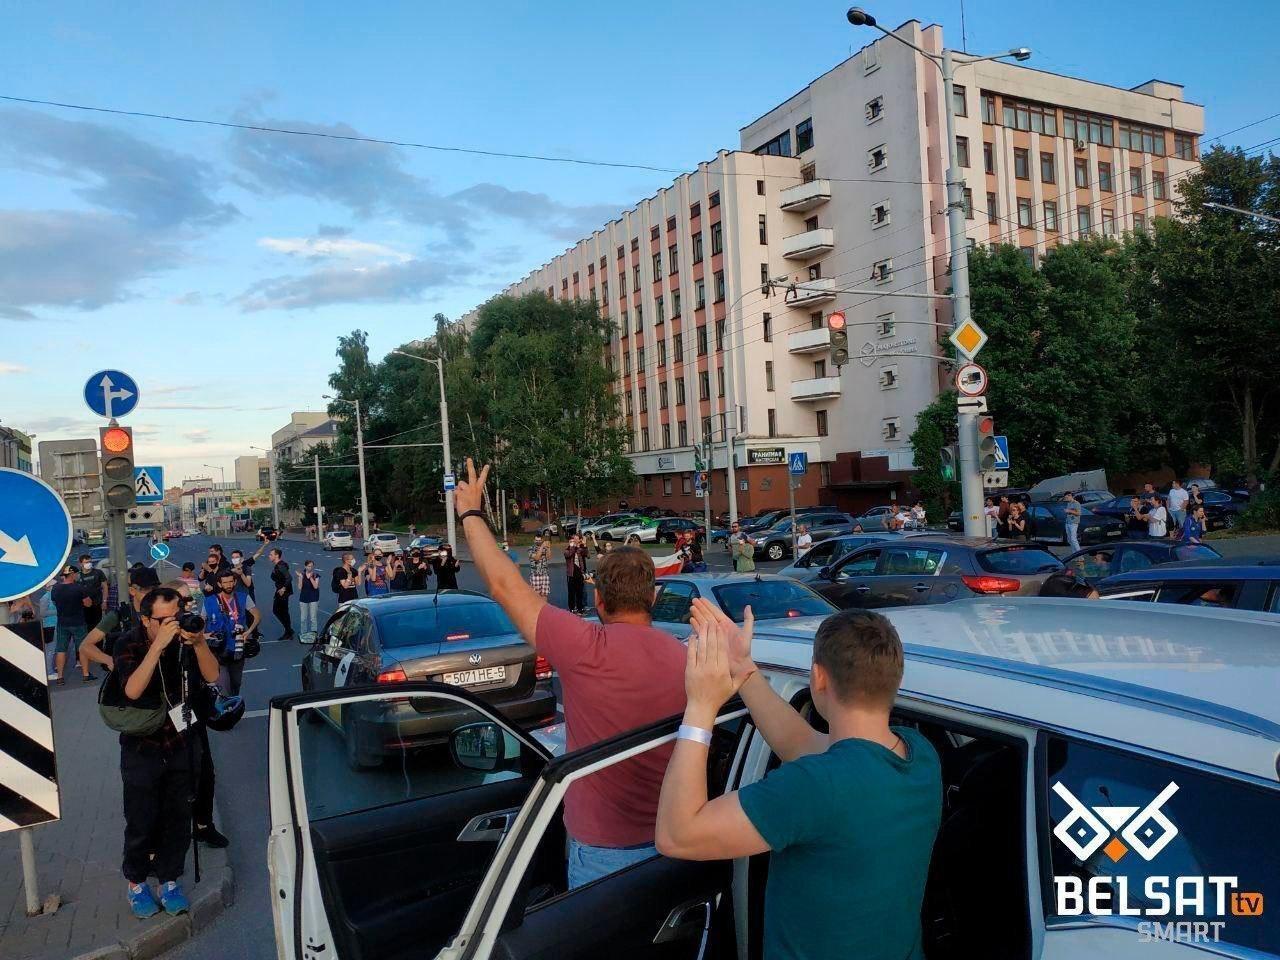 Активисты в Минске заблокировали движение.